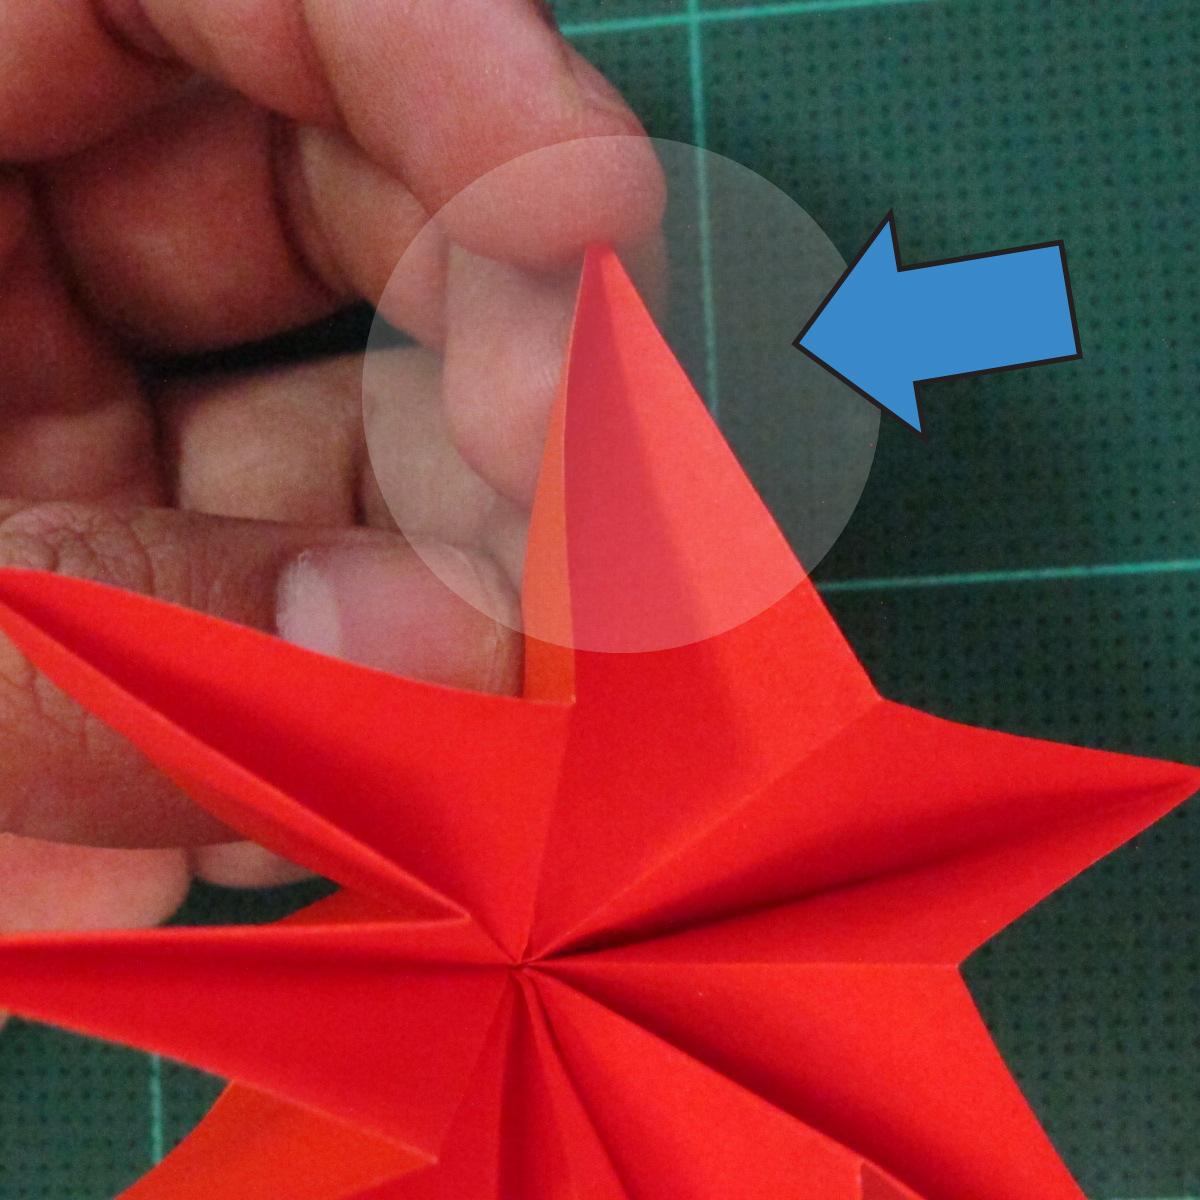 วิธีพับกระดาษเป็นช่อดอกไม้ติดอกเสื้อ (Origami Wedding Chest Flower) 021